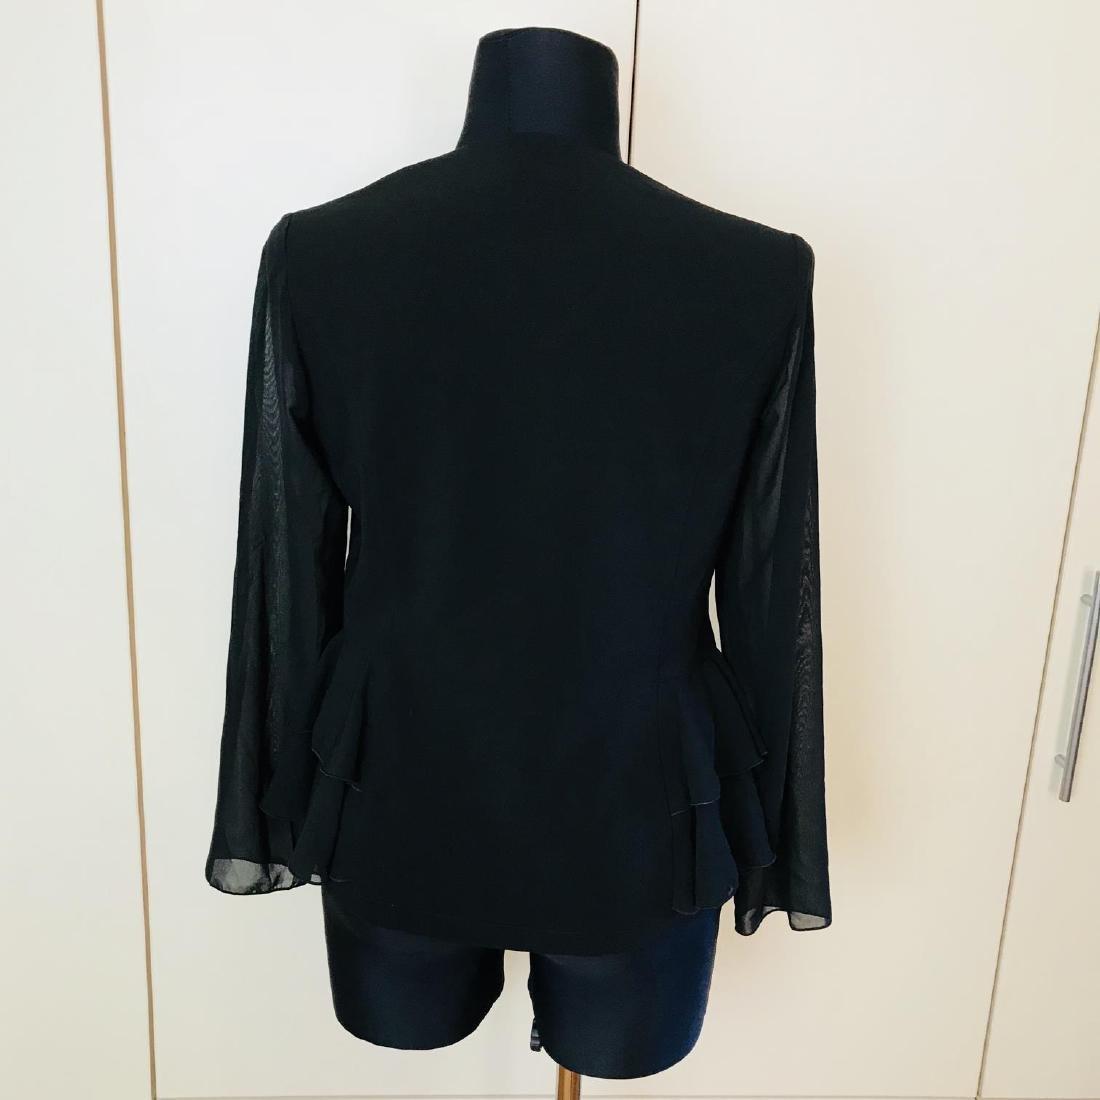 Vintage Women's Black Blouse Shirt Top Size EUR 40 US - 5